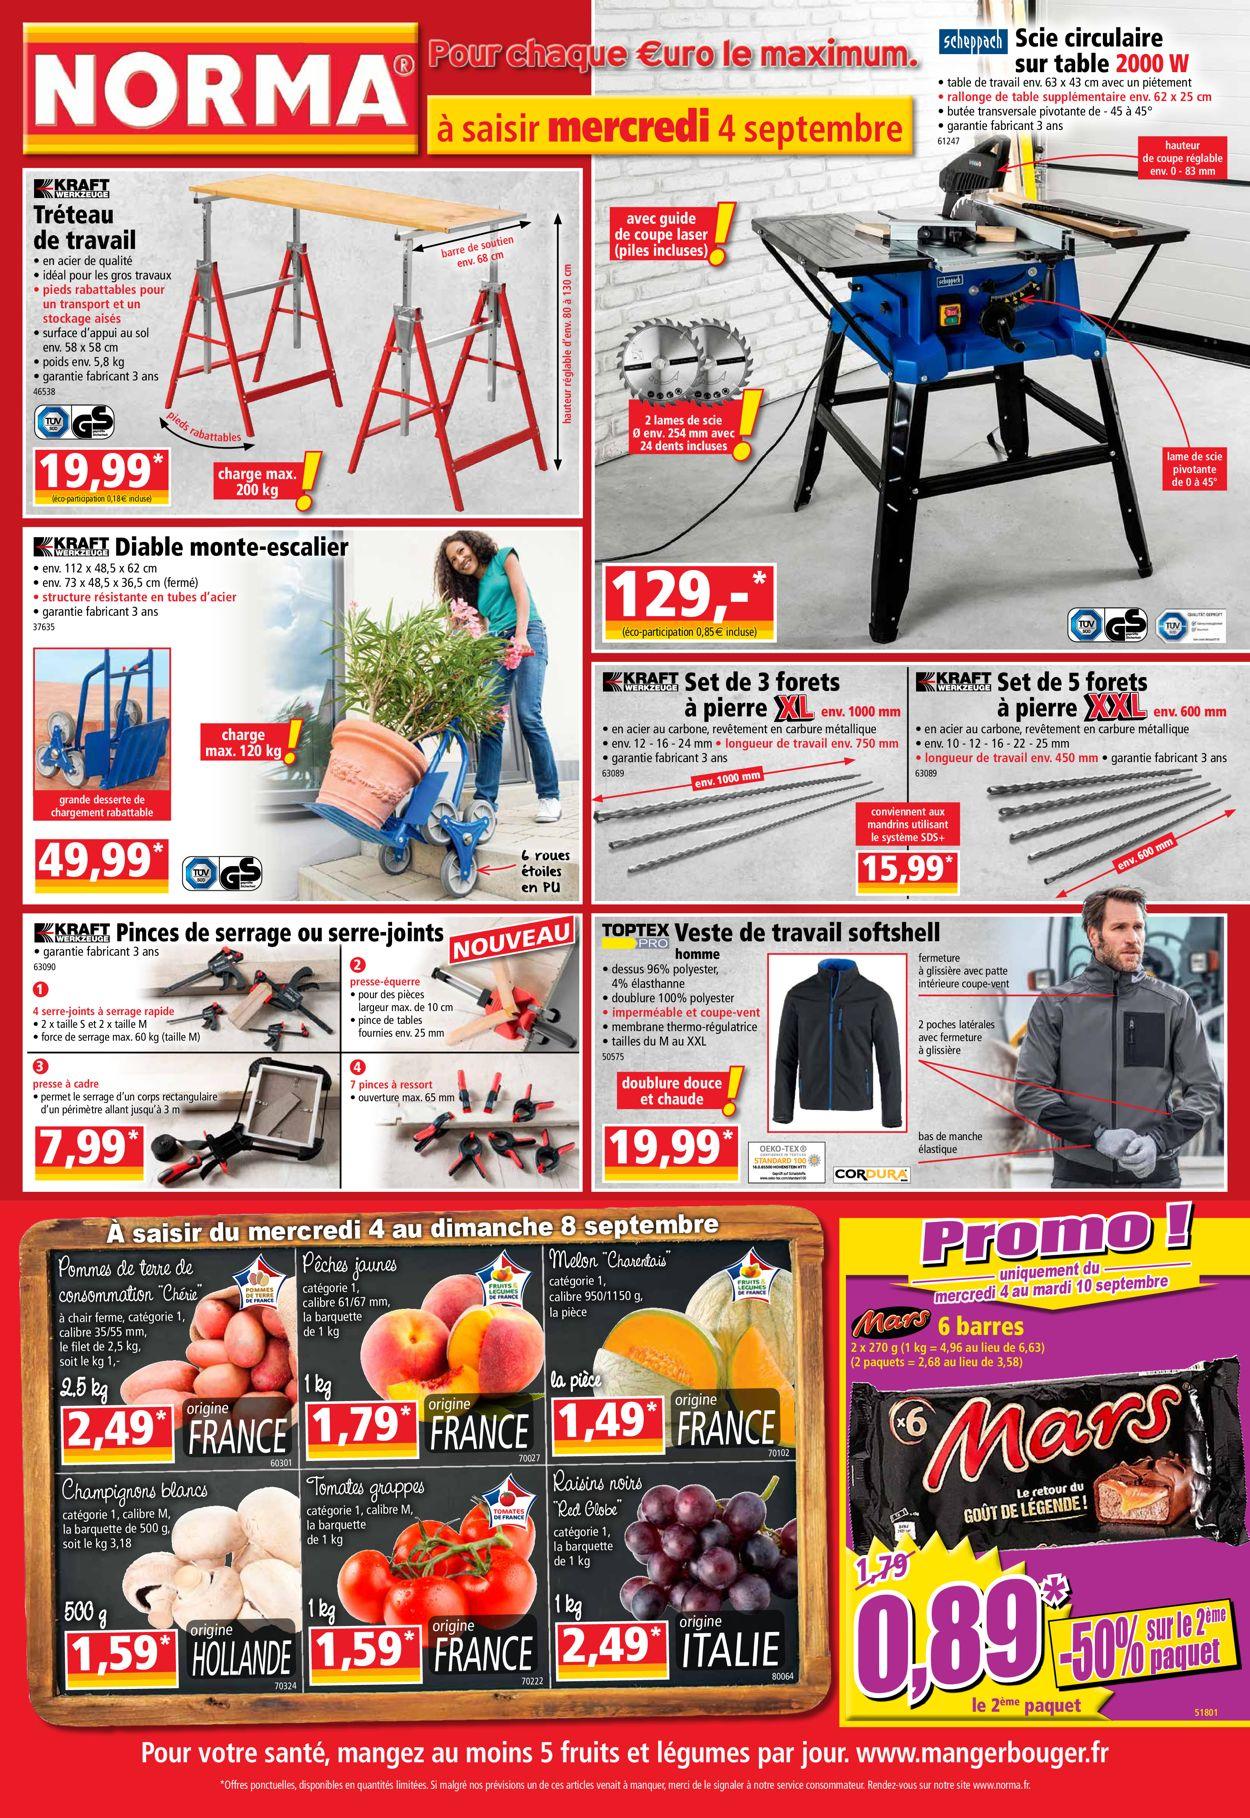 Norma Catalogue - 04.09-10.09.2019